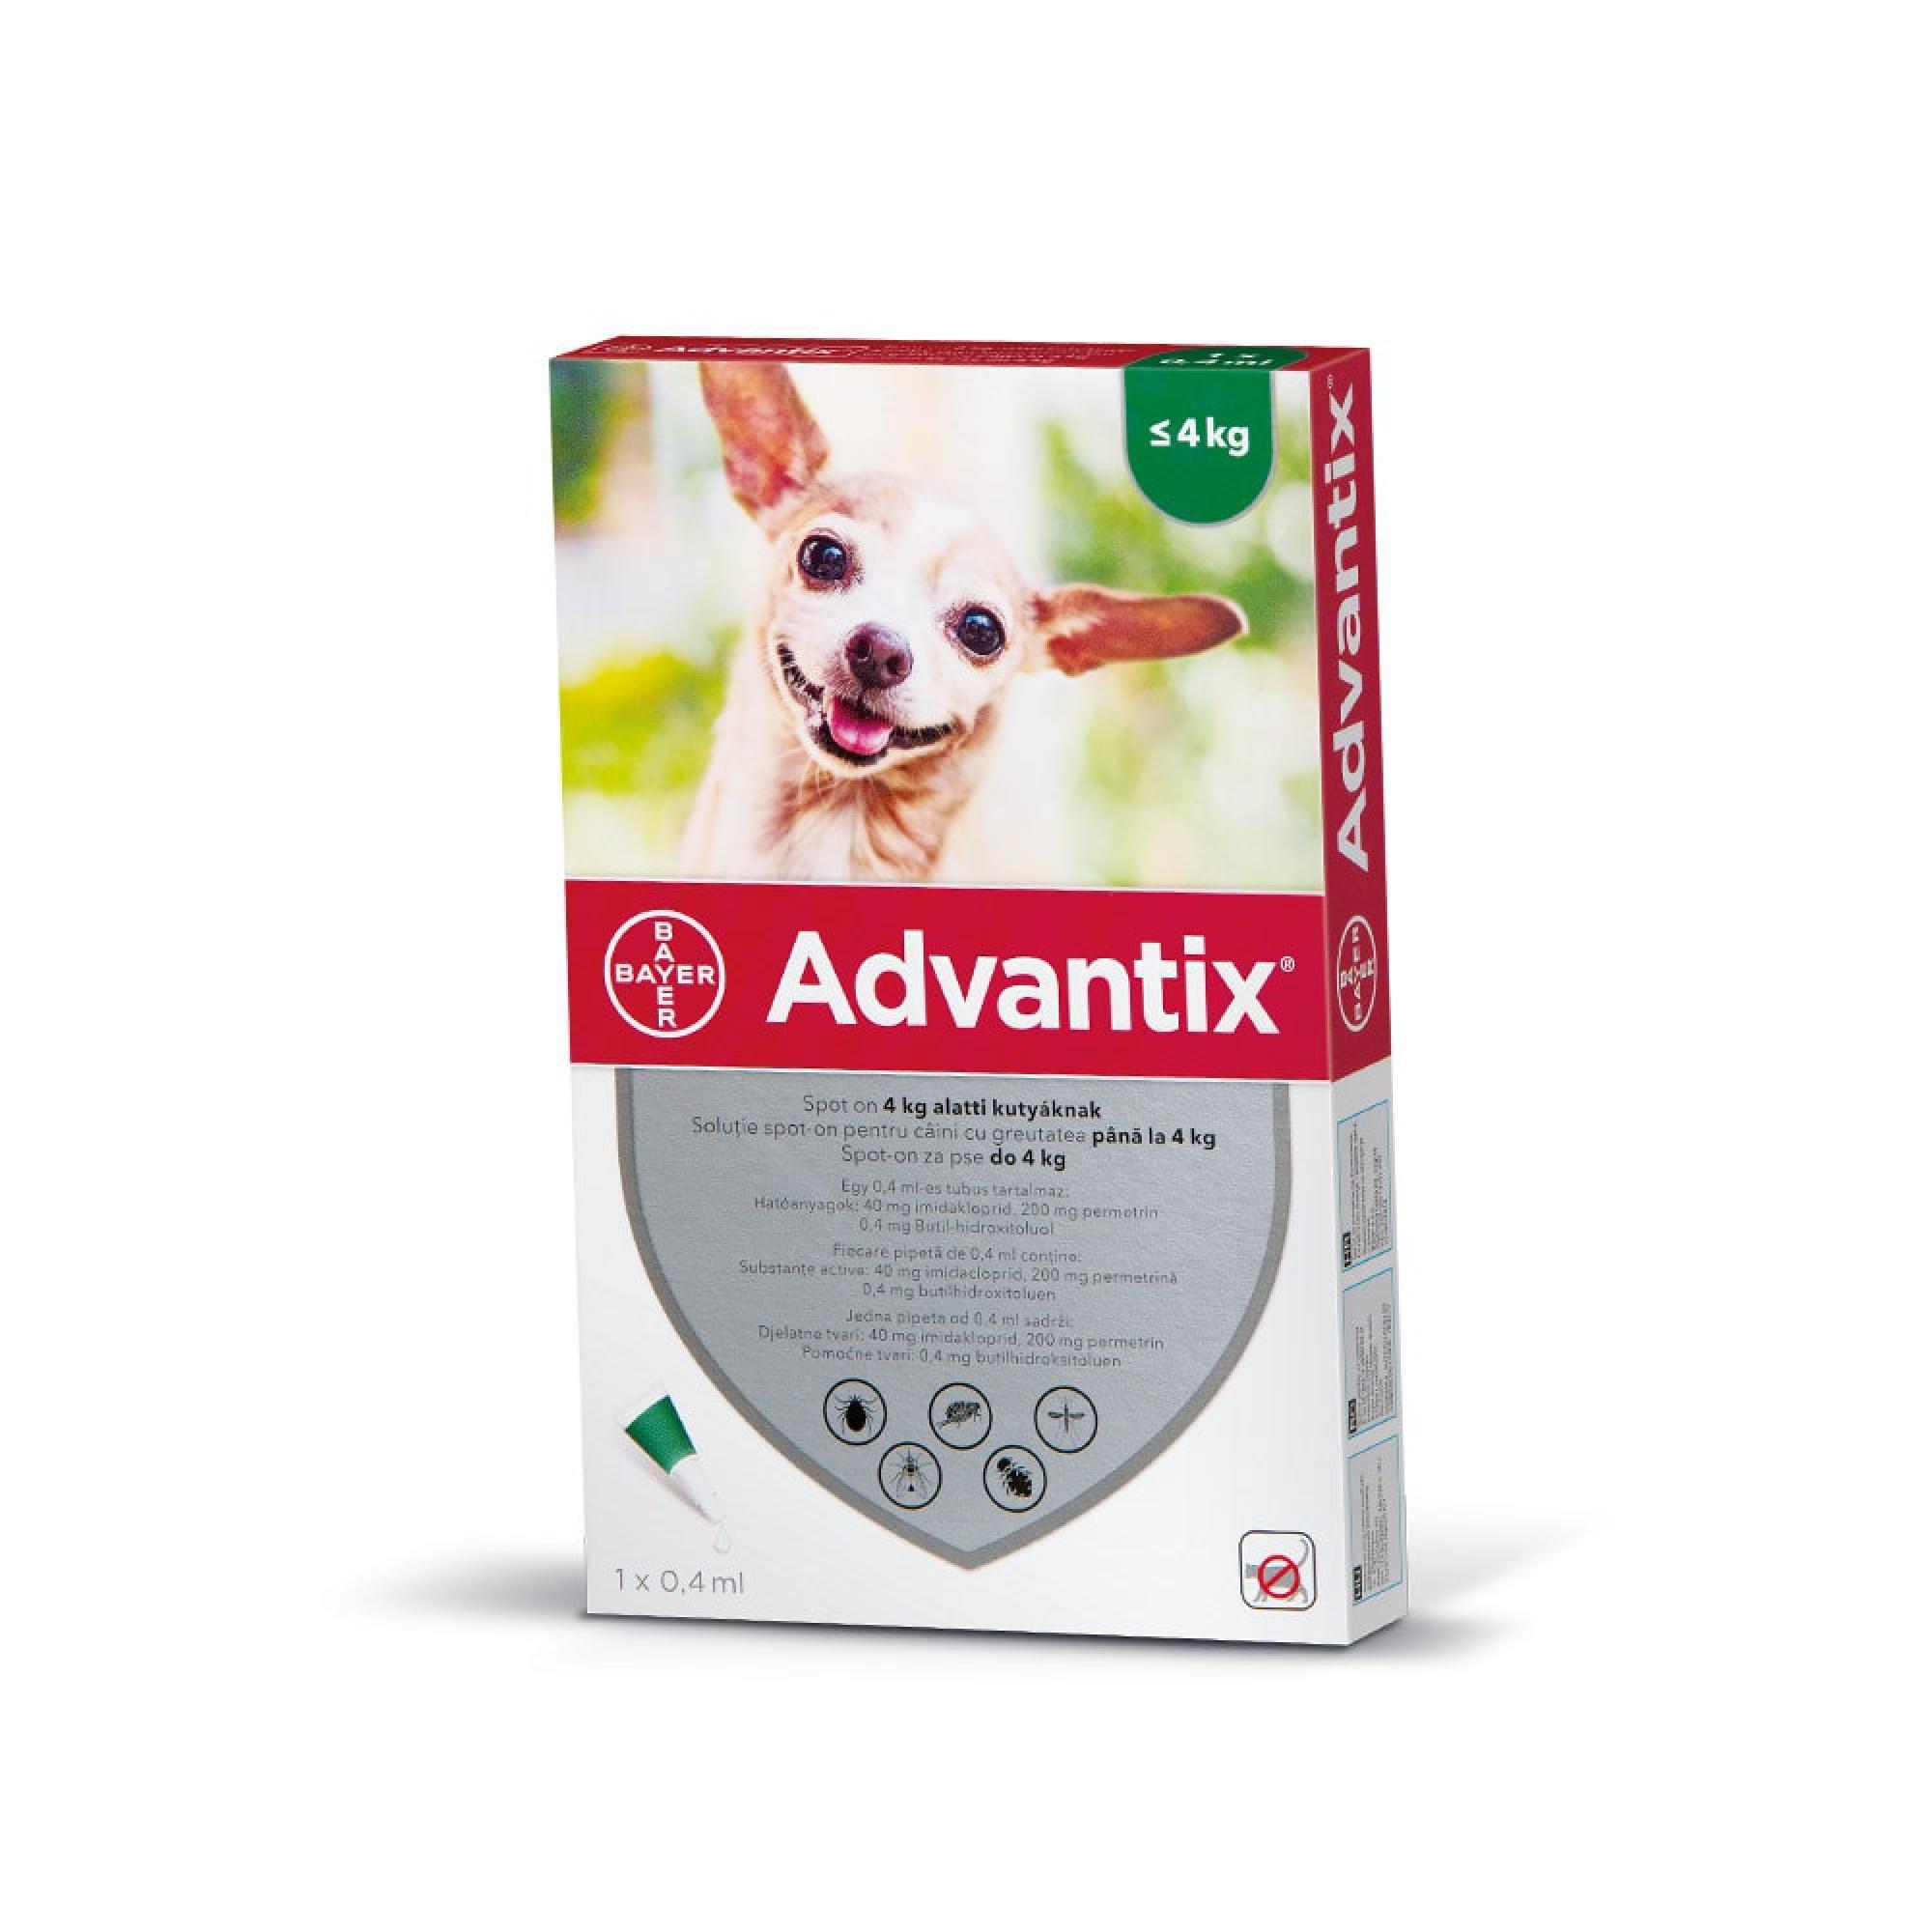 Advantix spot on 0,4ml 4kg alatti kutya a.u.v. 1x